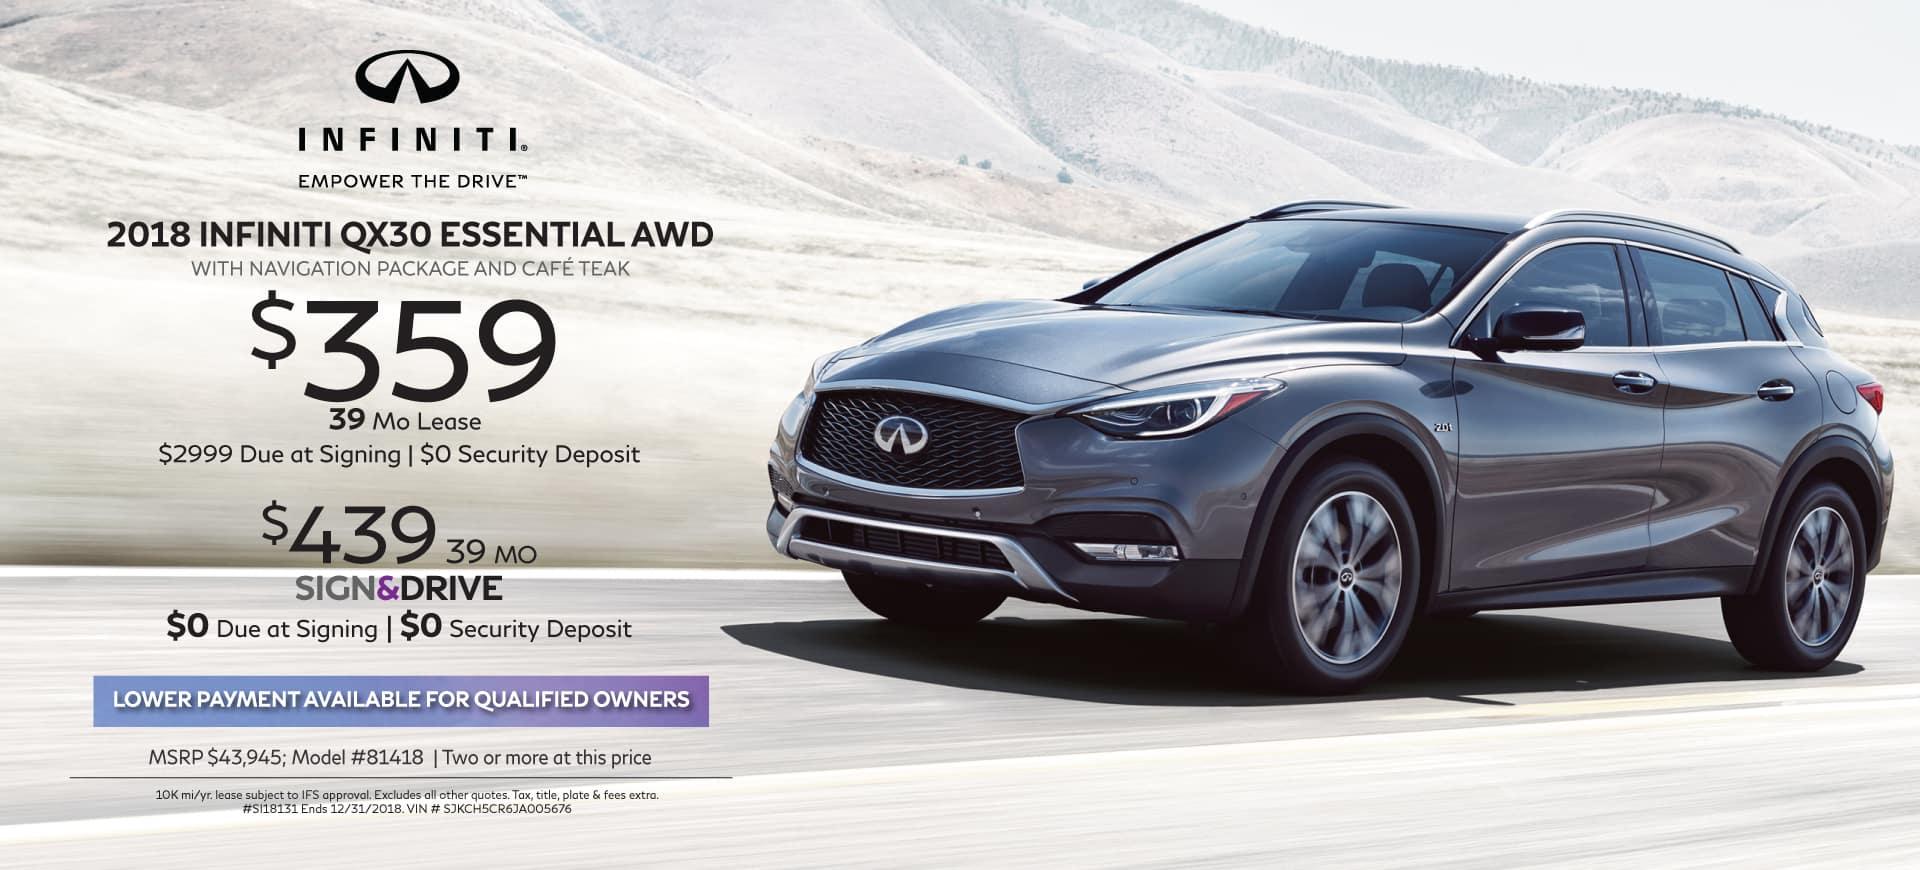 2018 INFINITI specials QX30 PREMIUM AWD